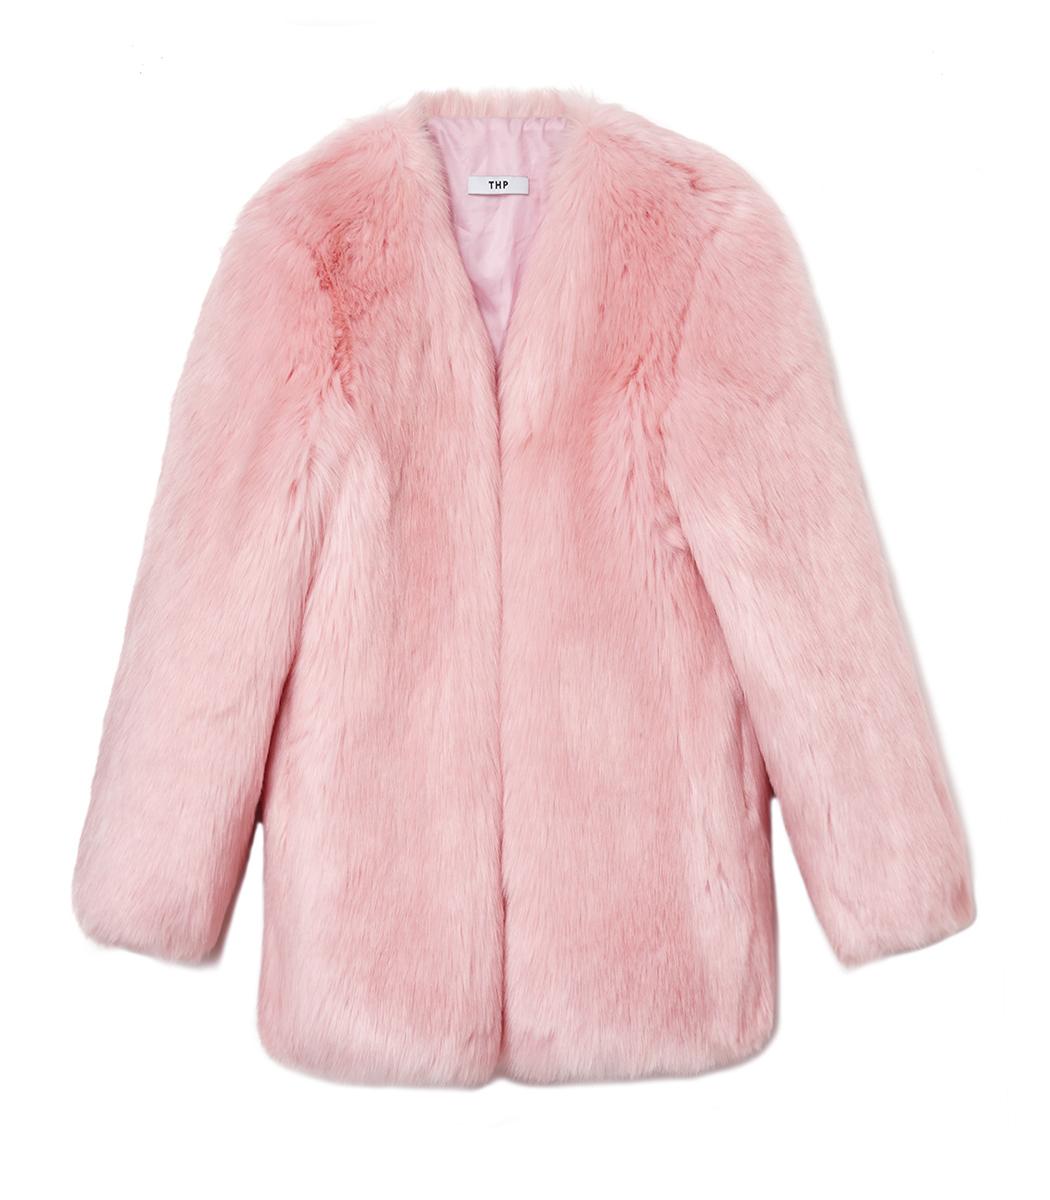 ShopBazaar THP Baby Pink Boxy Coat MAIN